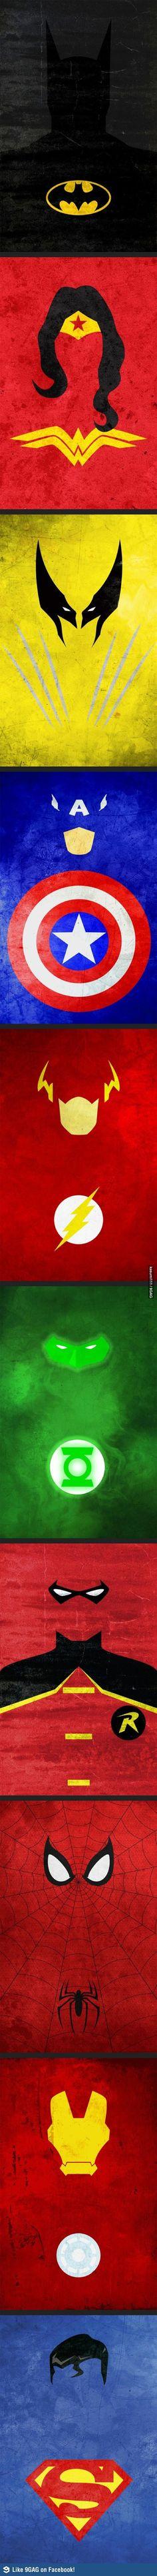 Minimalist Superhero Posters DC and Marvel